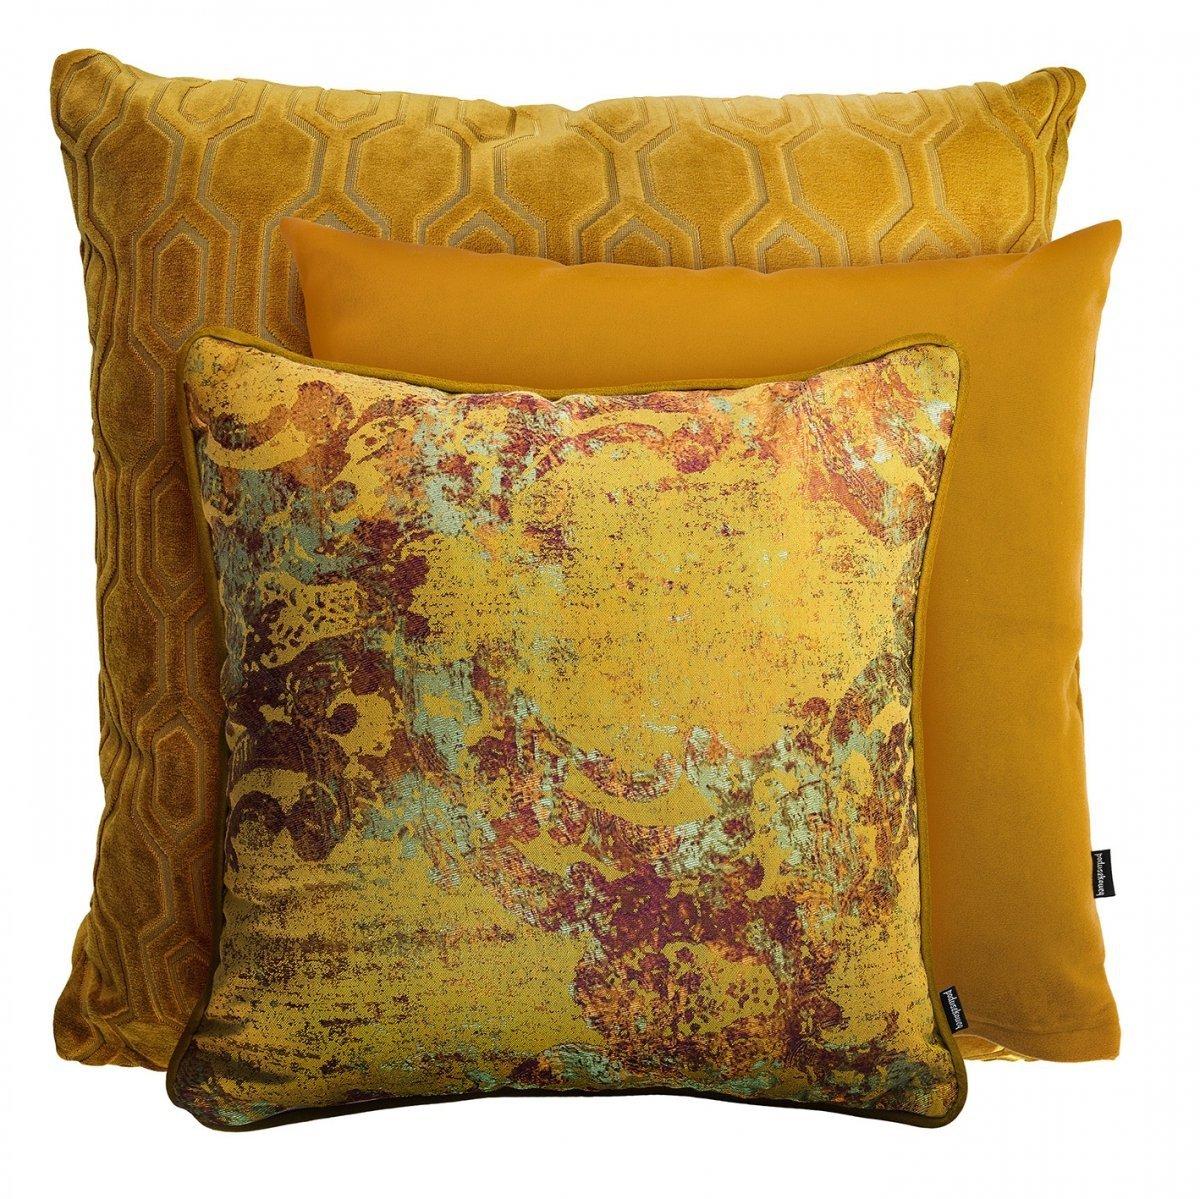 Miodowy zestaw poduszek dekoracyjnych Honey+Pram+Gold